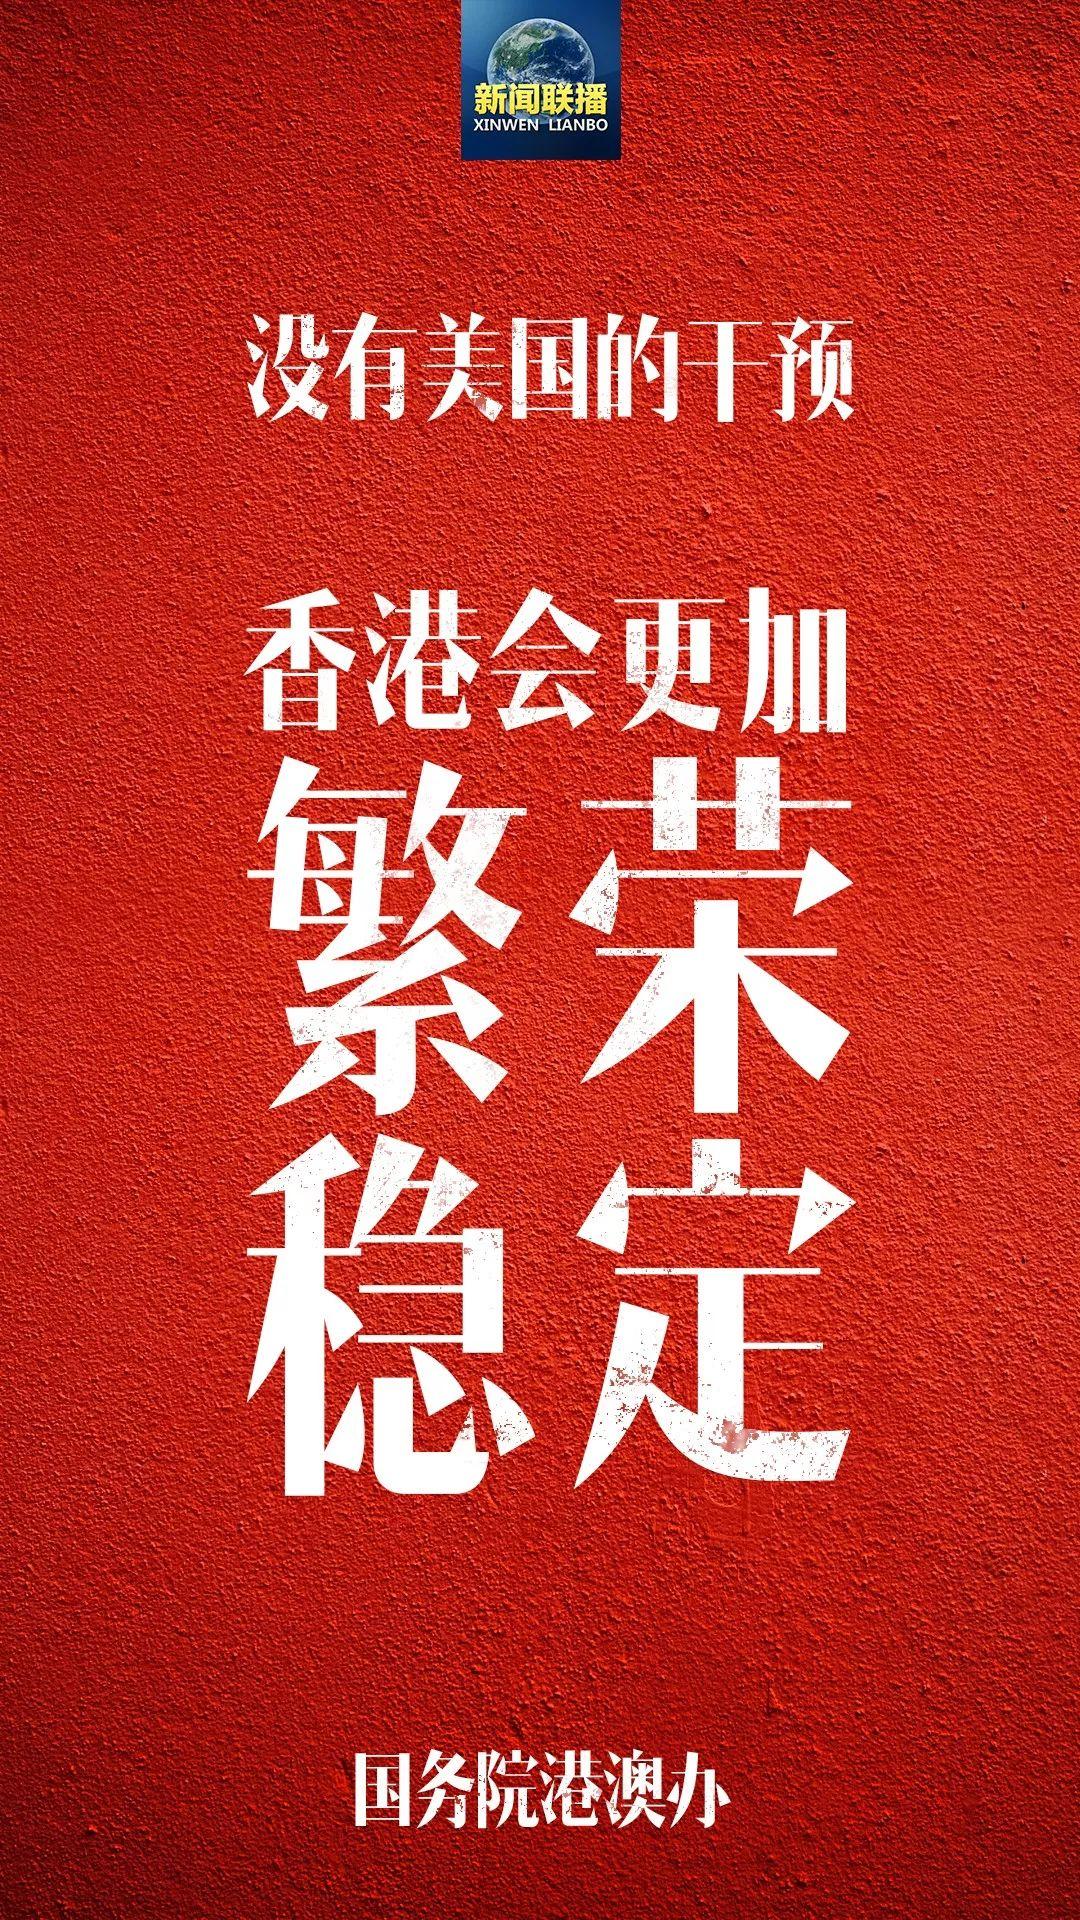 香港是中國的香港!《新聞聯播》七連發亮明中國態度_鳳凰網資訊_鳳凰網